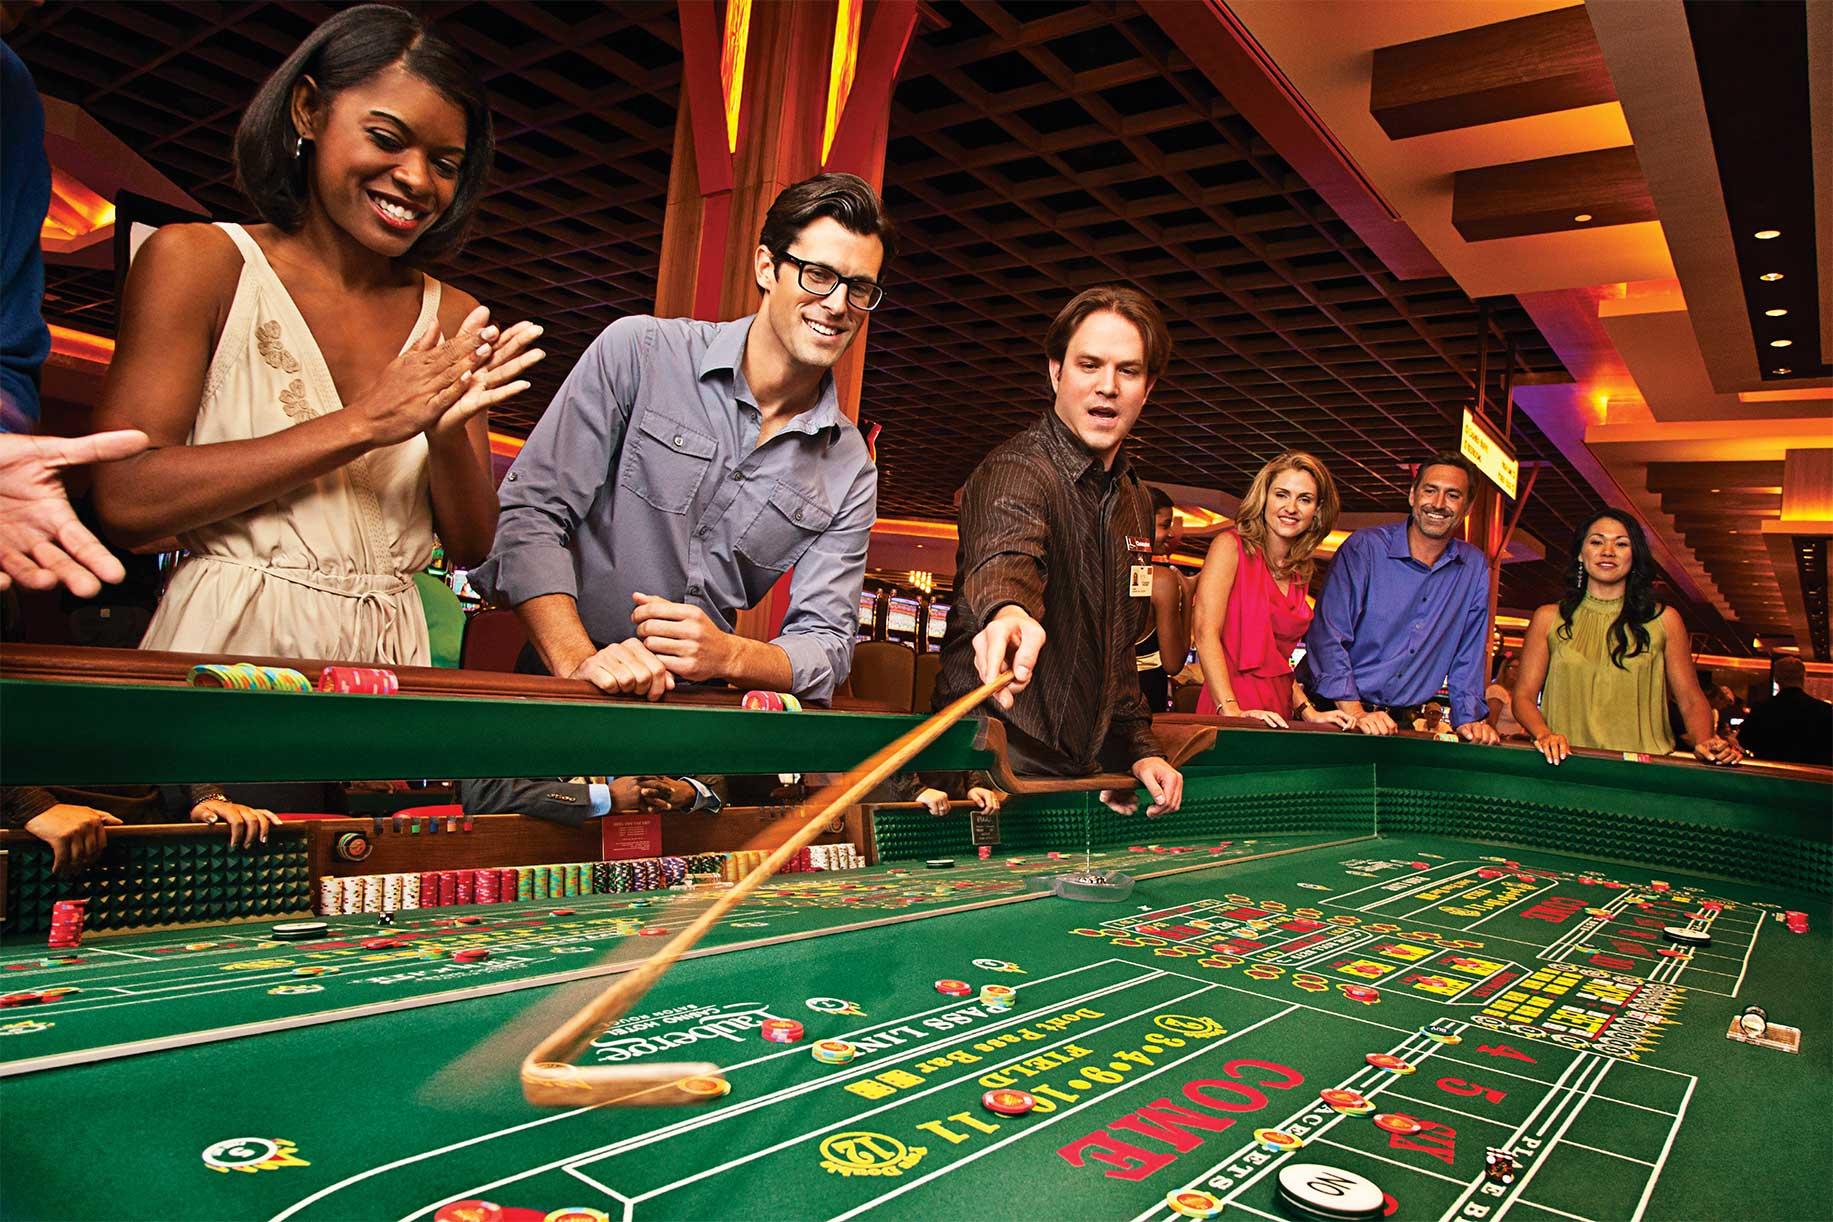 официальный сайт как выиграть в казино азино